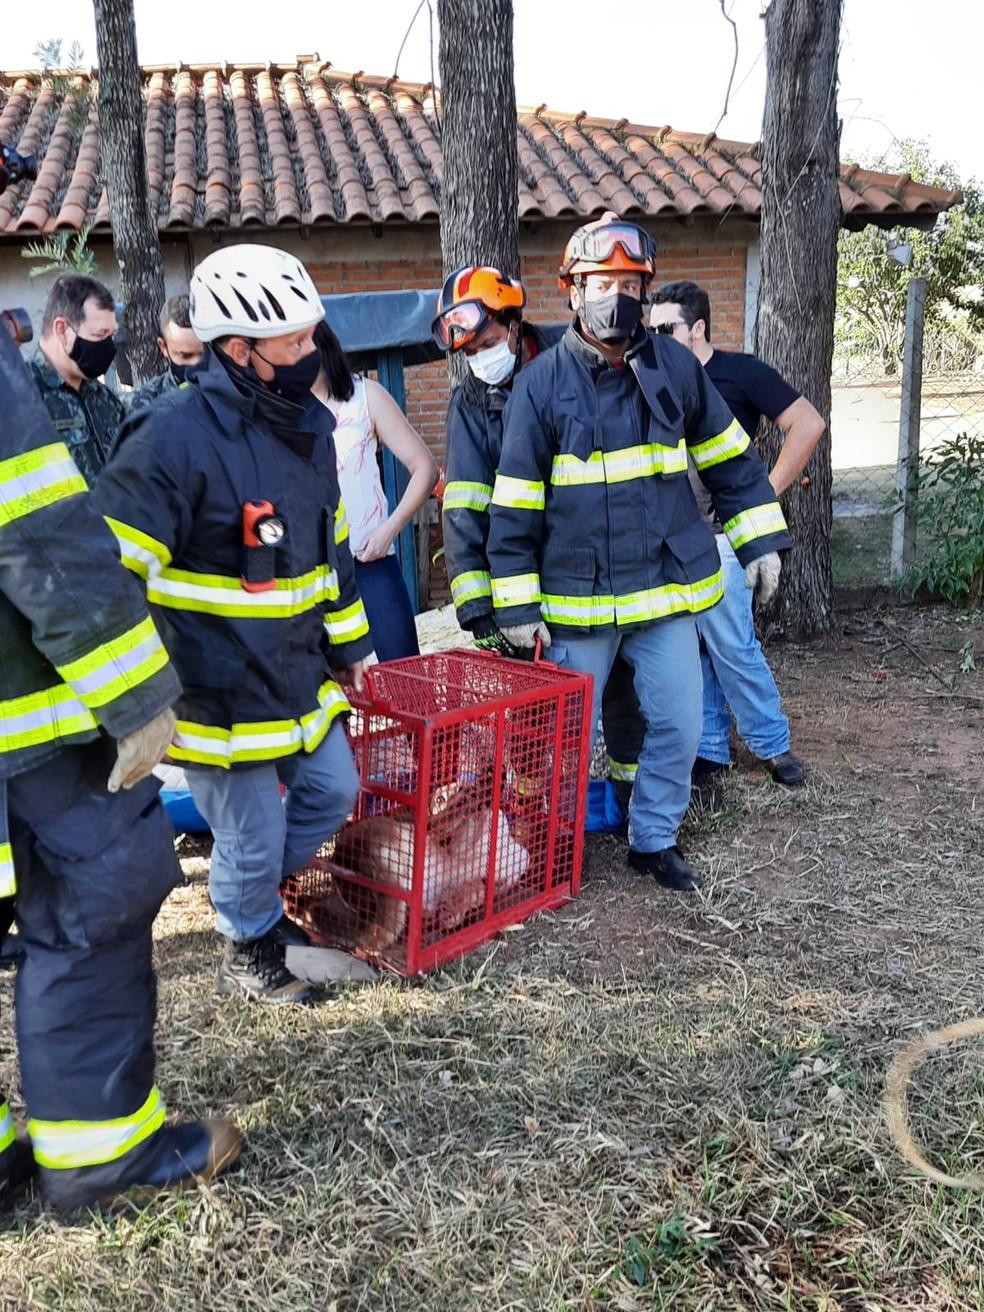 Resgate de onça parda de árvore em chácara na zona rural de Marília (SP) durou cerca de 5 horas — Foto: Anderson Camargo/ TV TEM